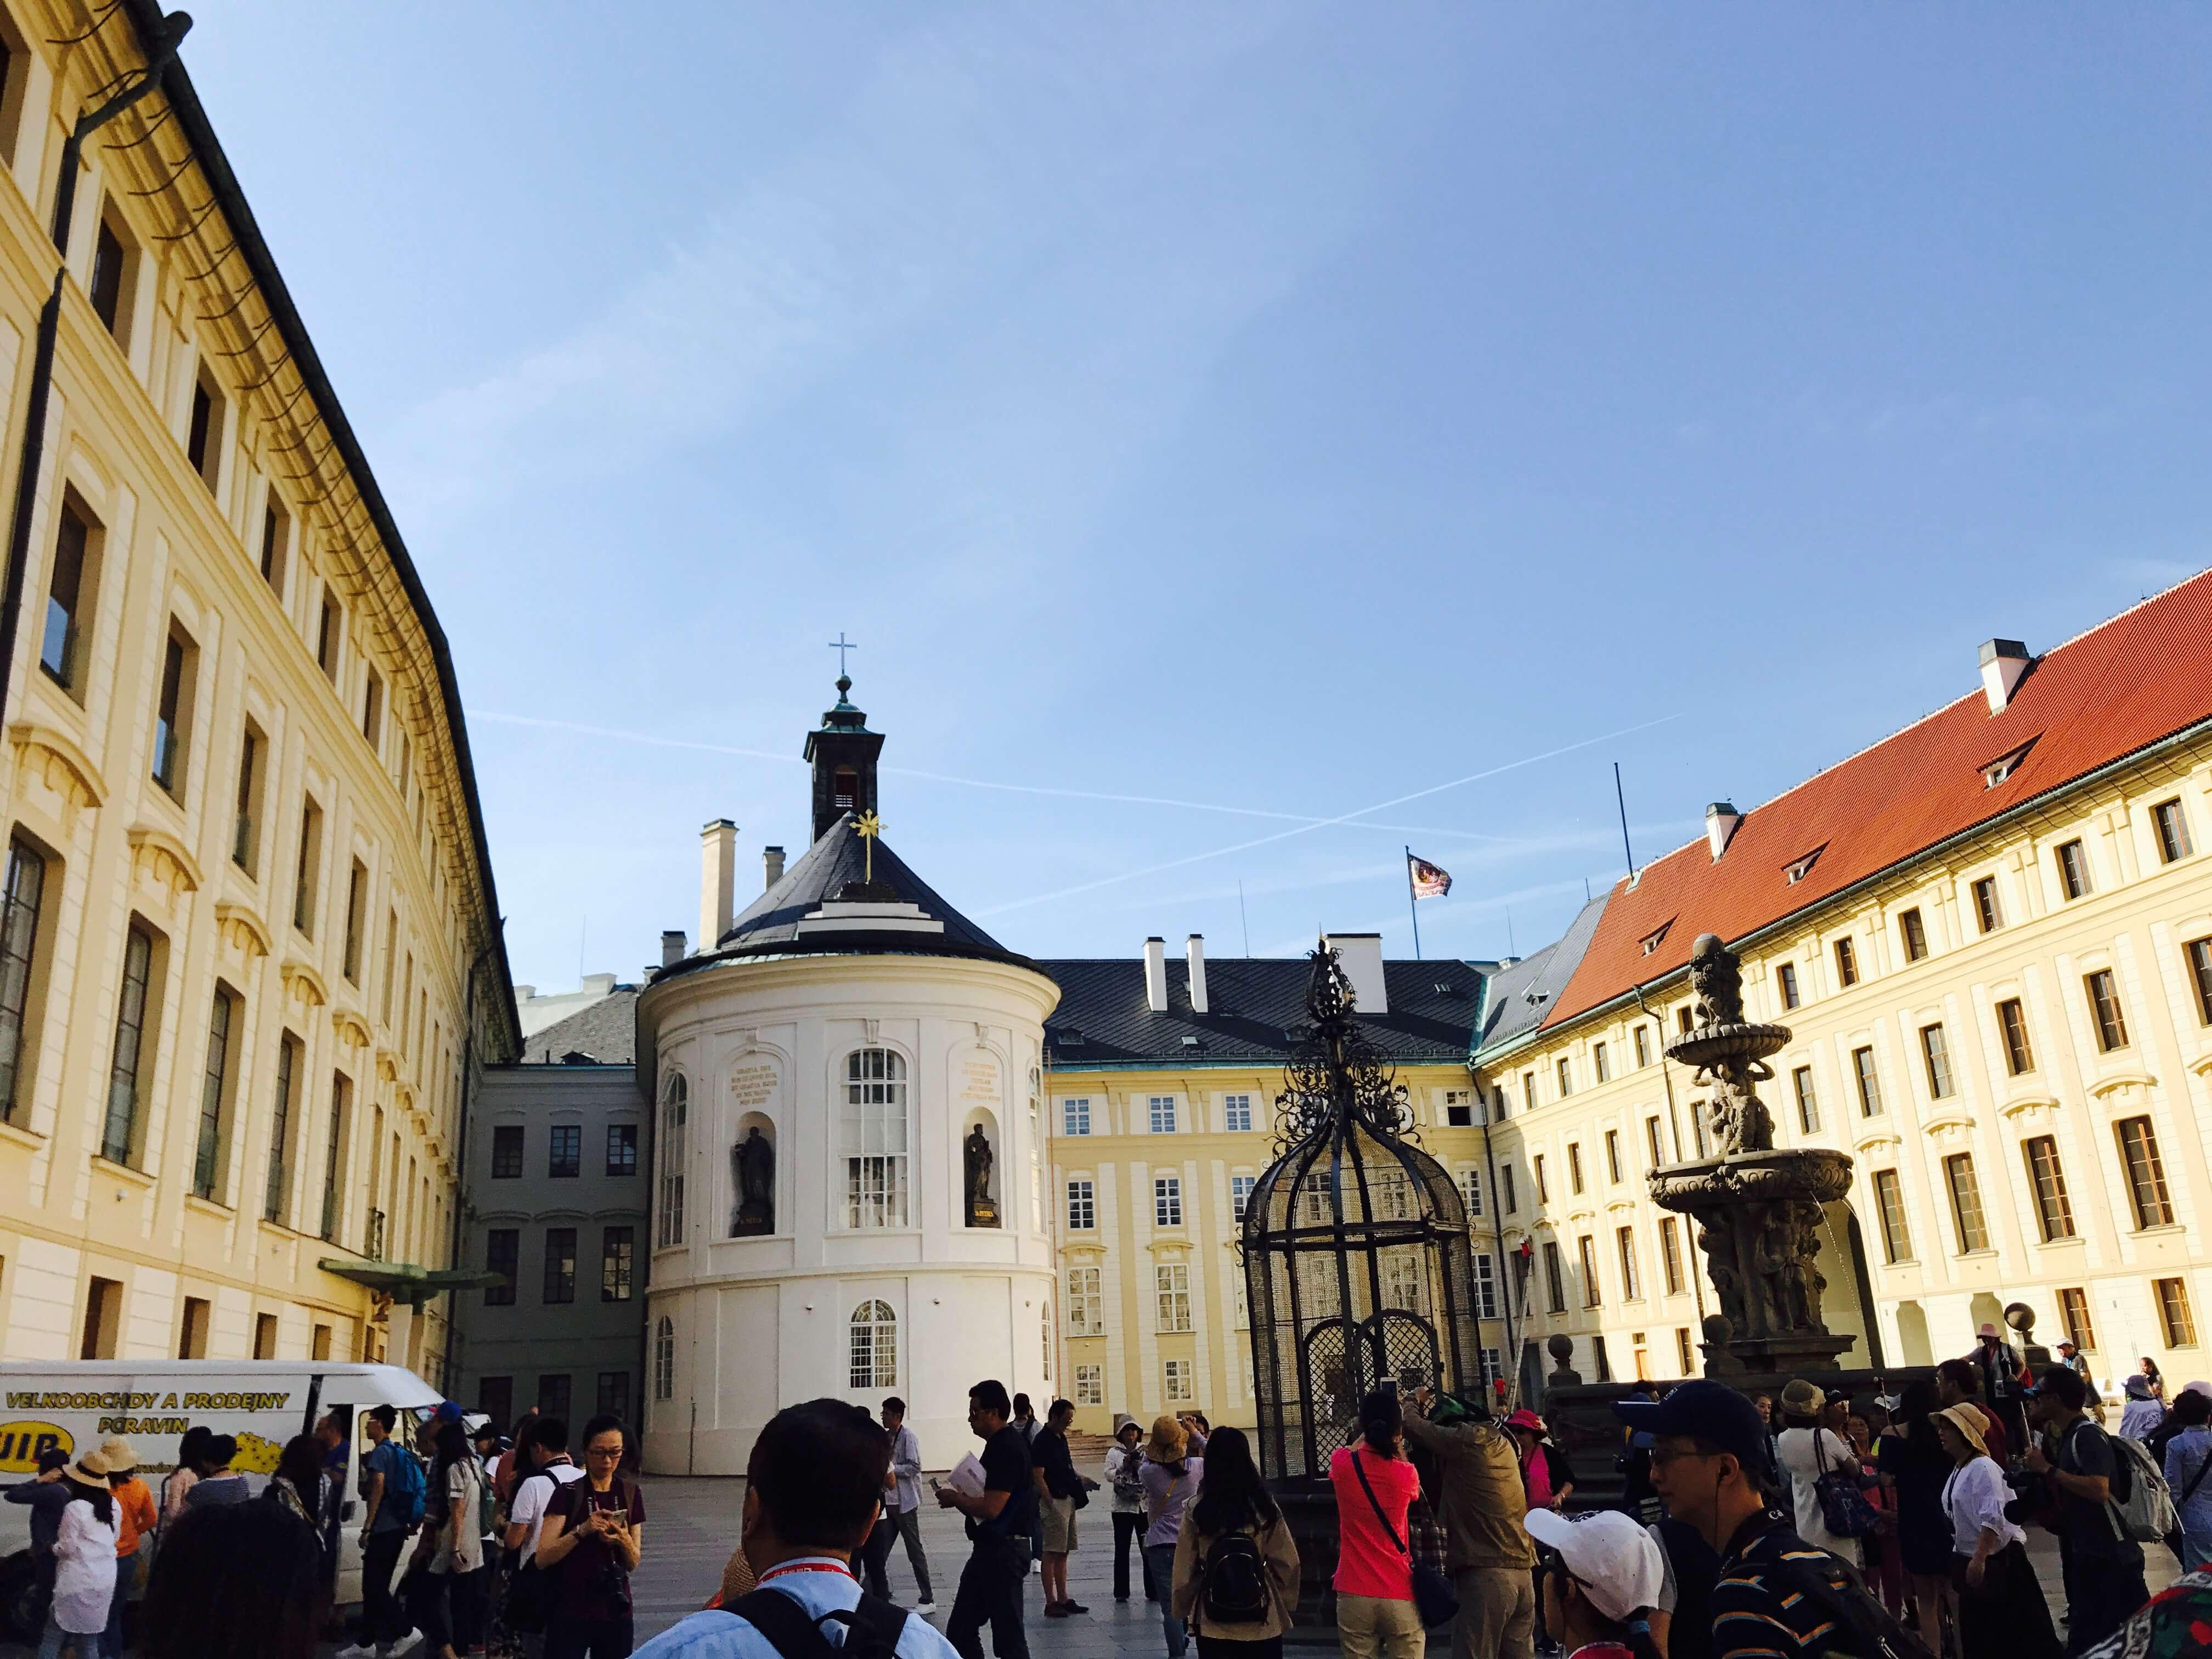 布拉格城堡第二庭院。Photographer / Penny